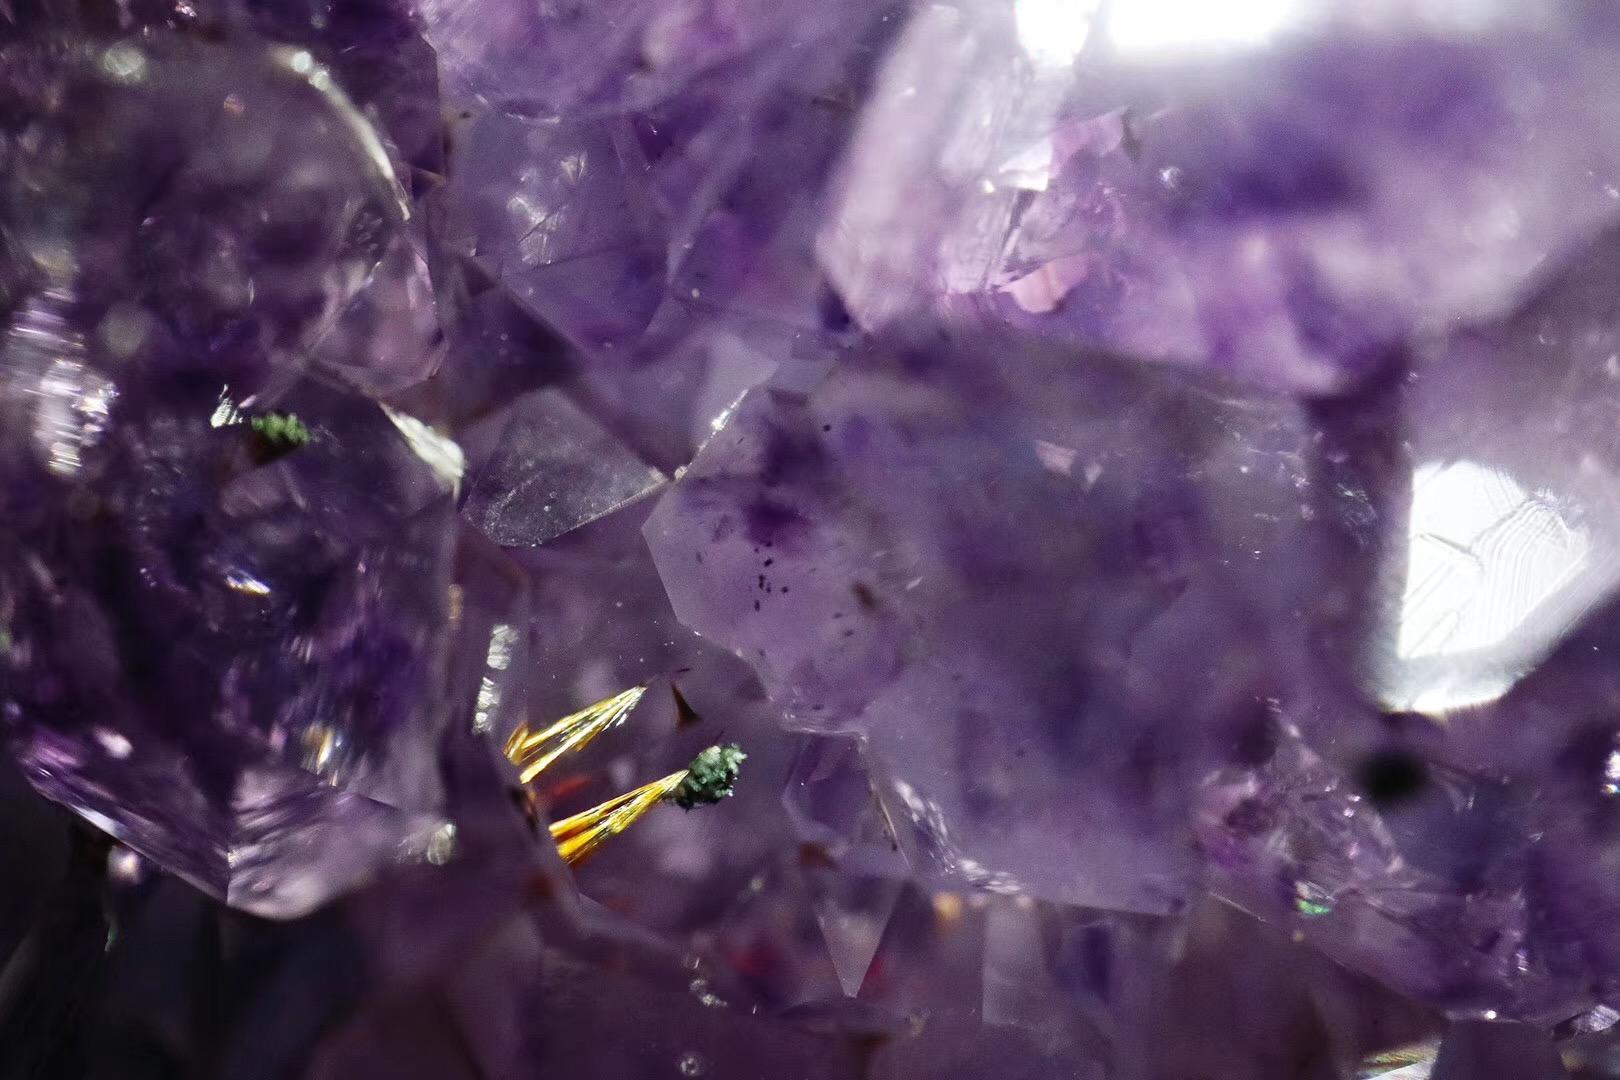 【菩心-紫晶洞】收一只晶洞,其实并没有那么难,看眼缘便可-菩心晶舍